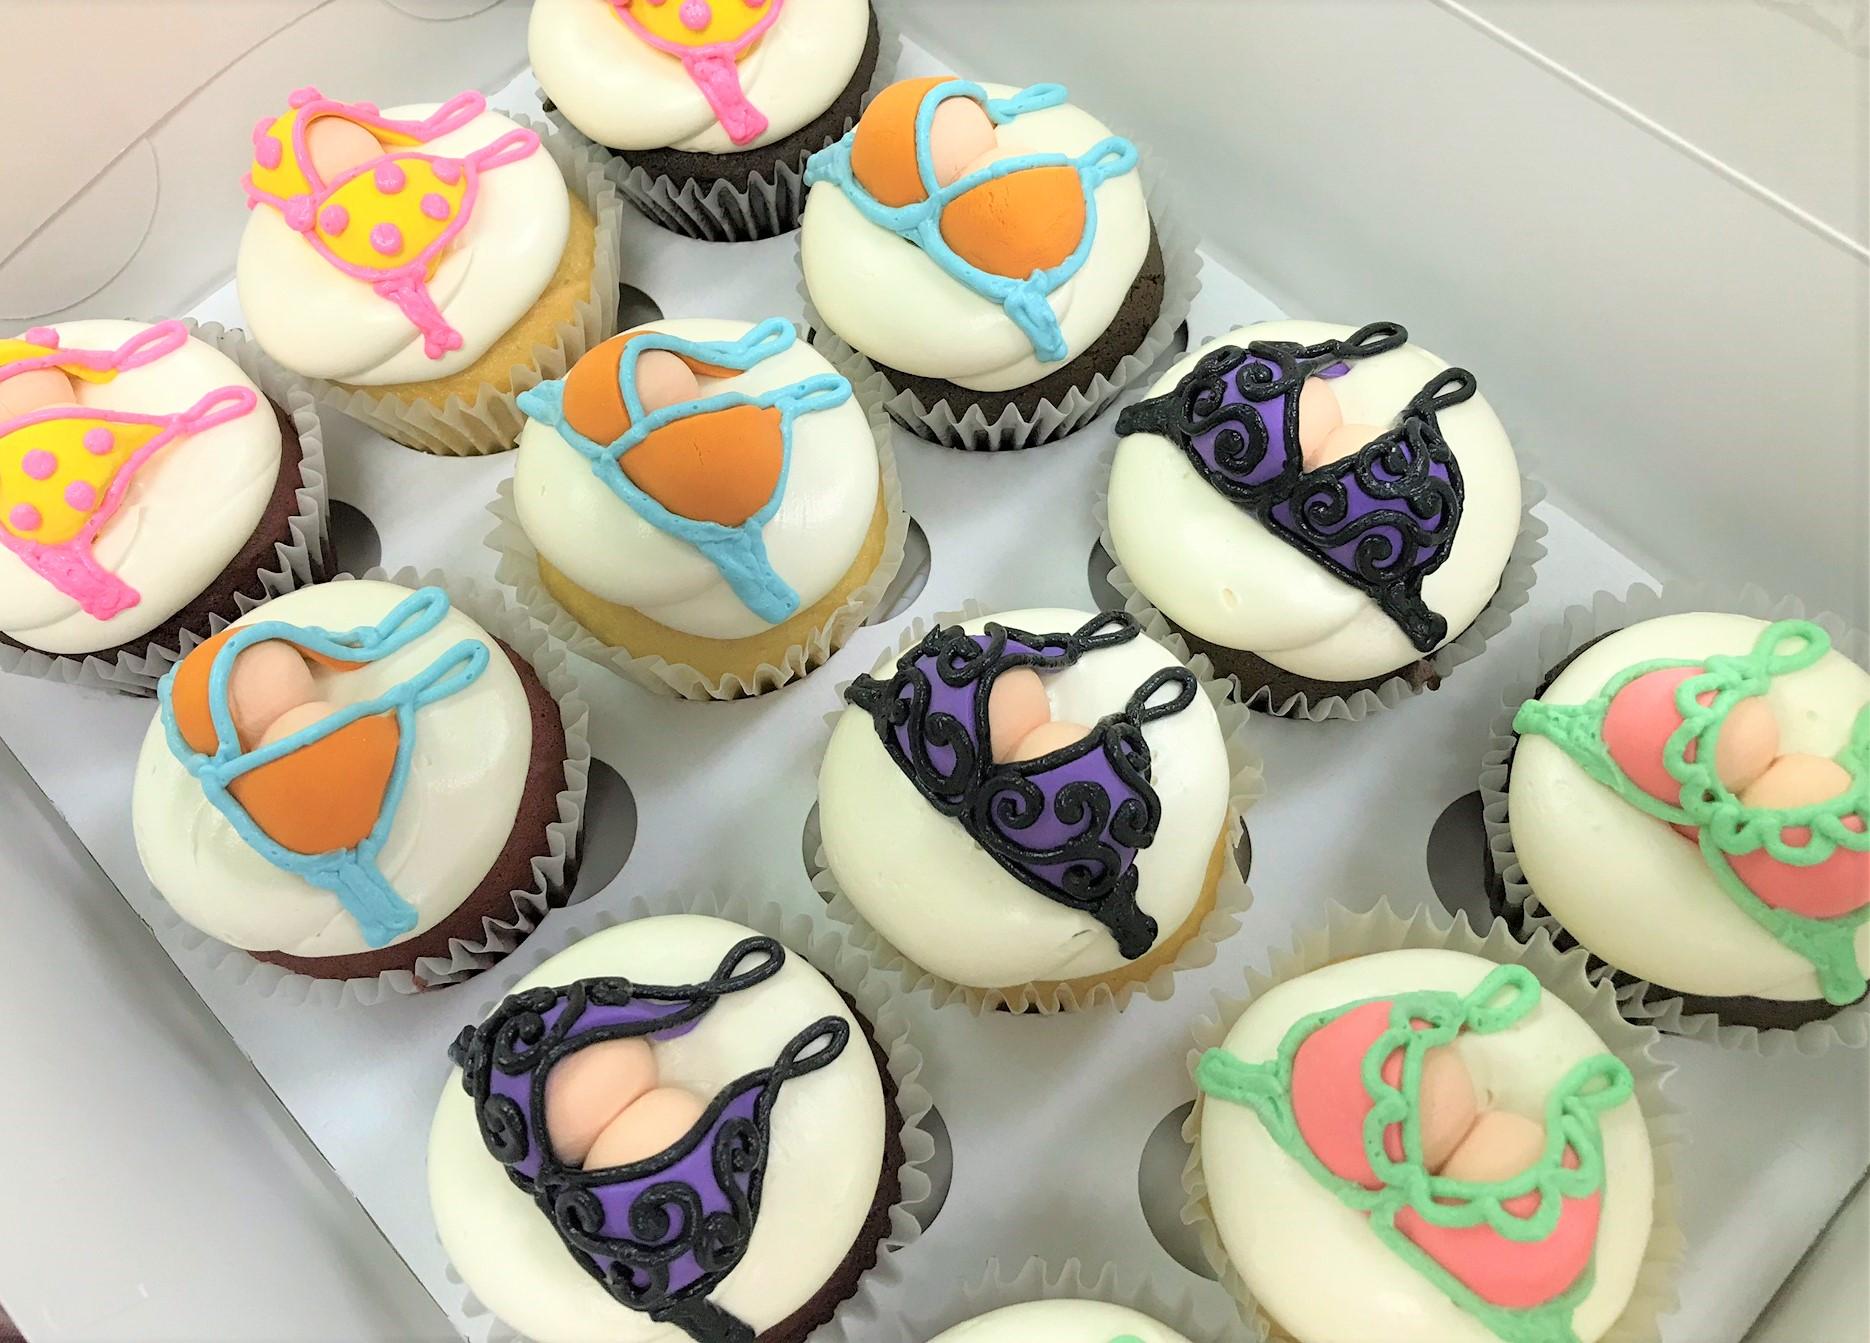 bikini top cupcakes.jpeg